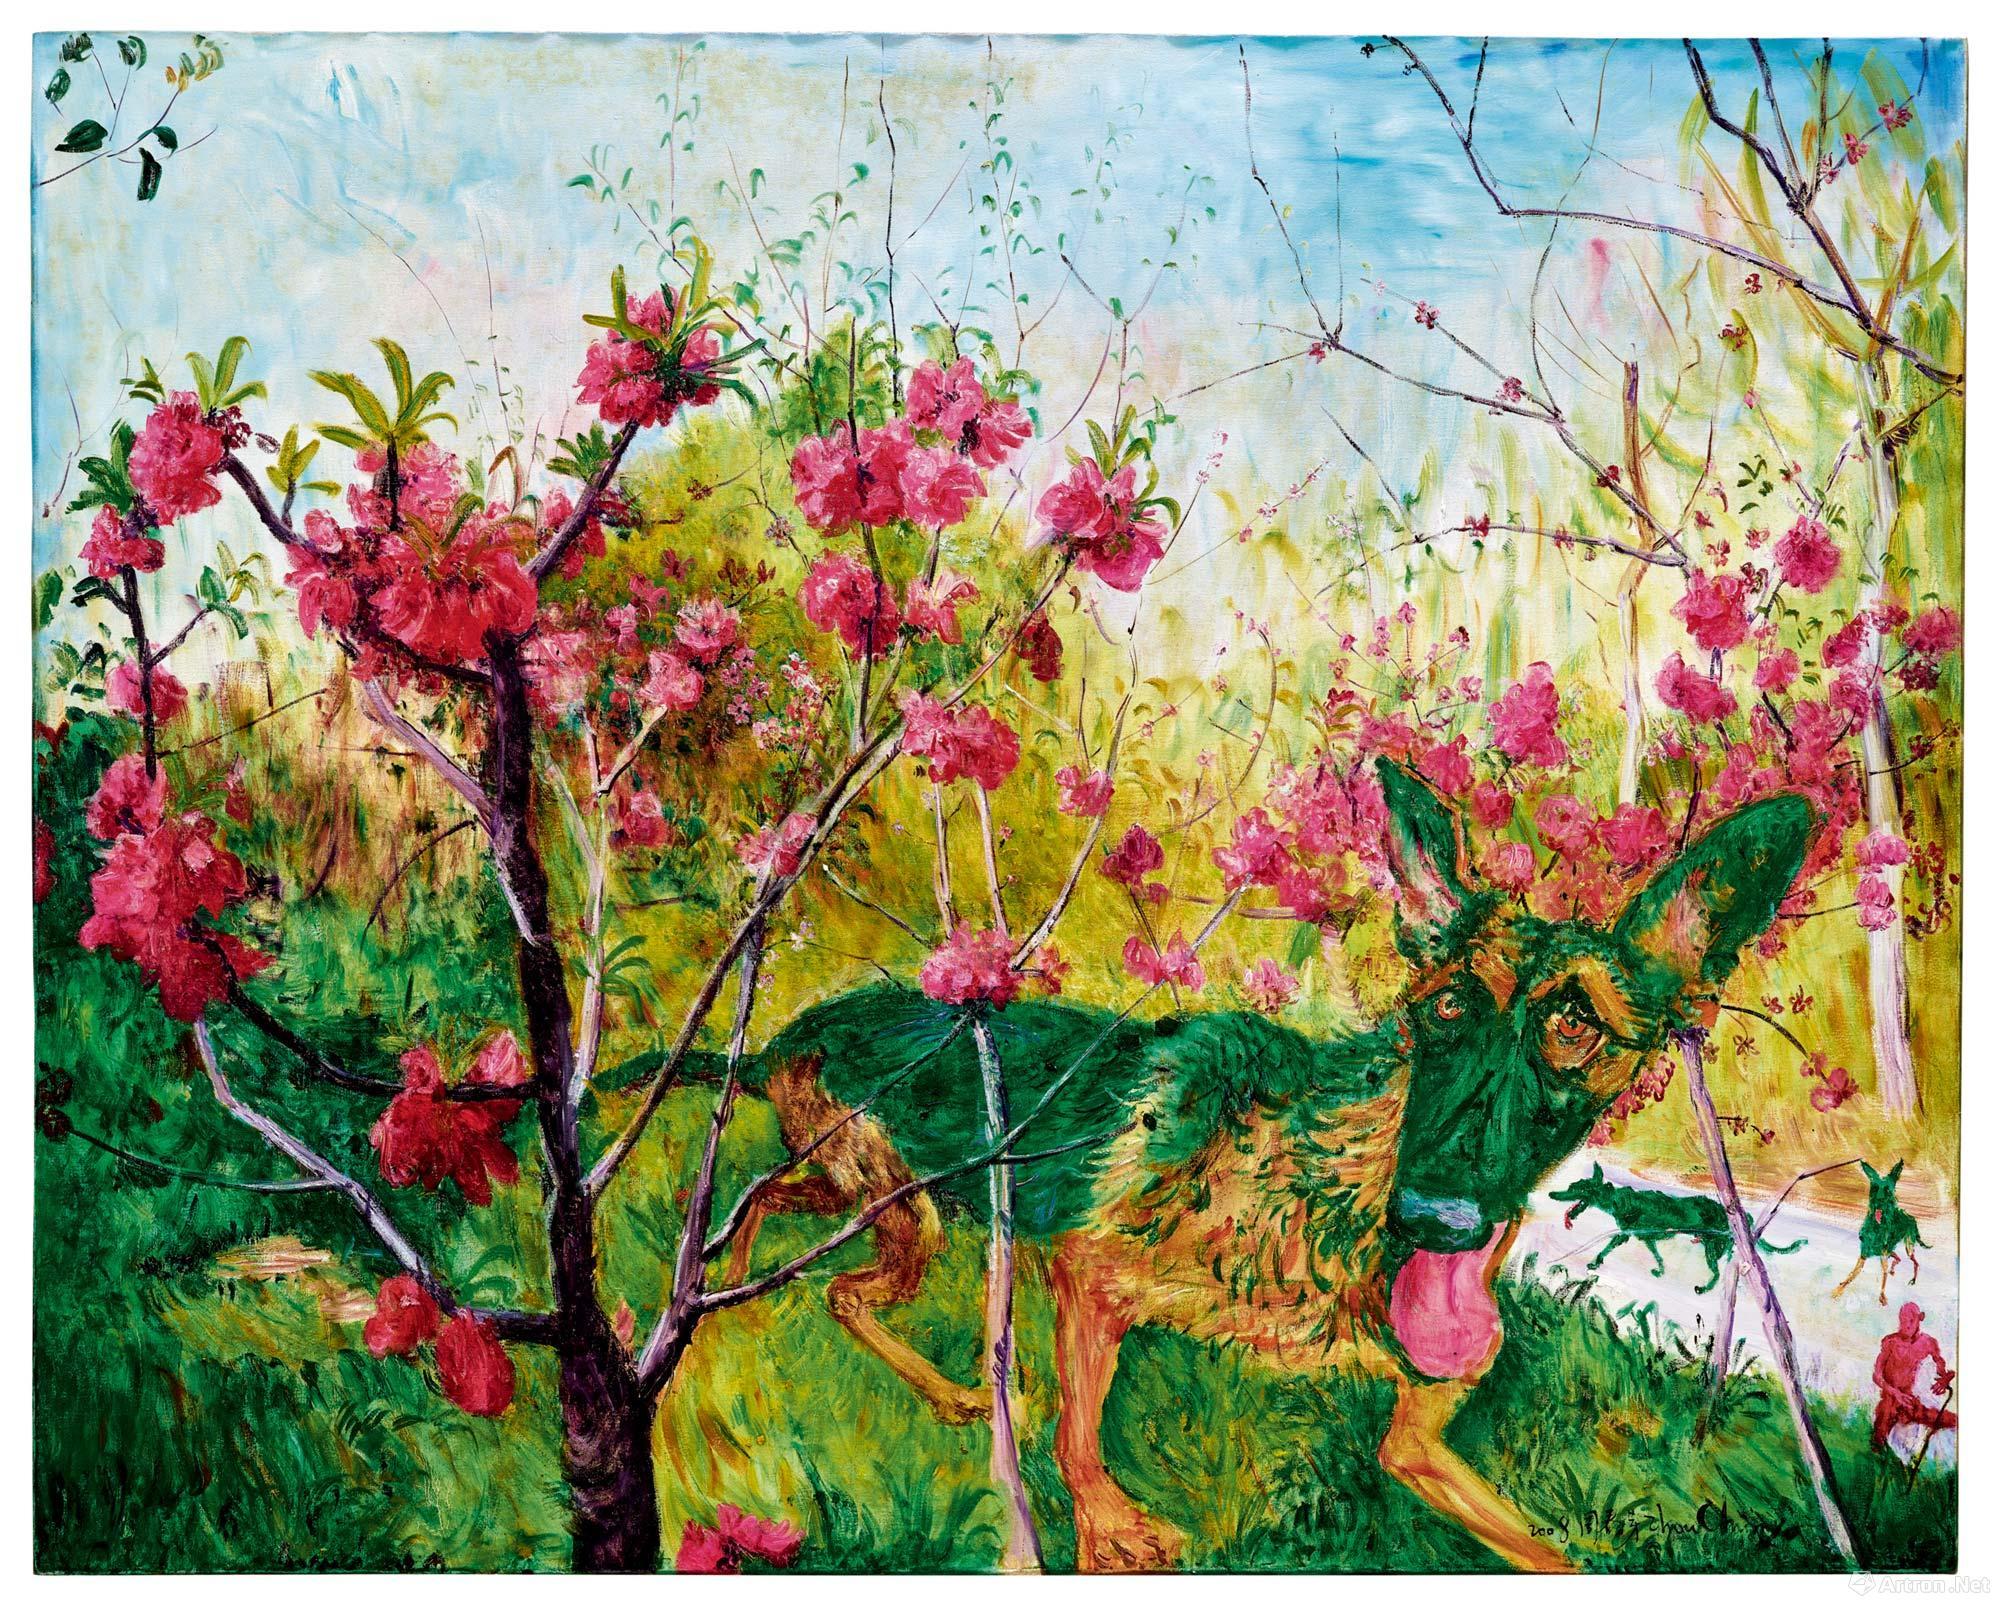 飞翔的天使1998 年作油彩 画布 40 x 40 cm.   HK$ 4,000,000 - 6,000,000   近来为市场所青睐的艺术家周春芽,此次也有一件集合桃花与绿狗的经典作品推出,2008年作《桃花与绿狗》。周春芽将绿狗雕塑化的同时在笔触结构上又吸收了花鸟画形态简洁的特征,突破了以往模拟国画笔墨表象符号的程序,融入了表现主义的率直挥洒。